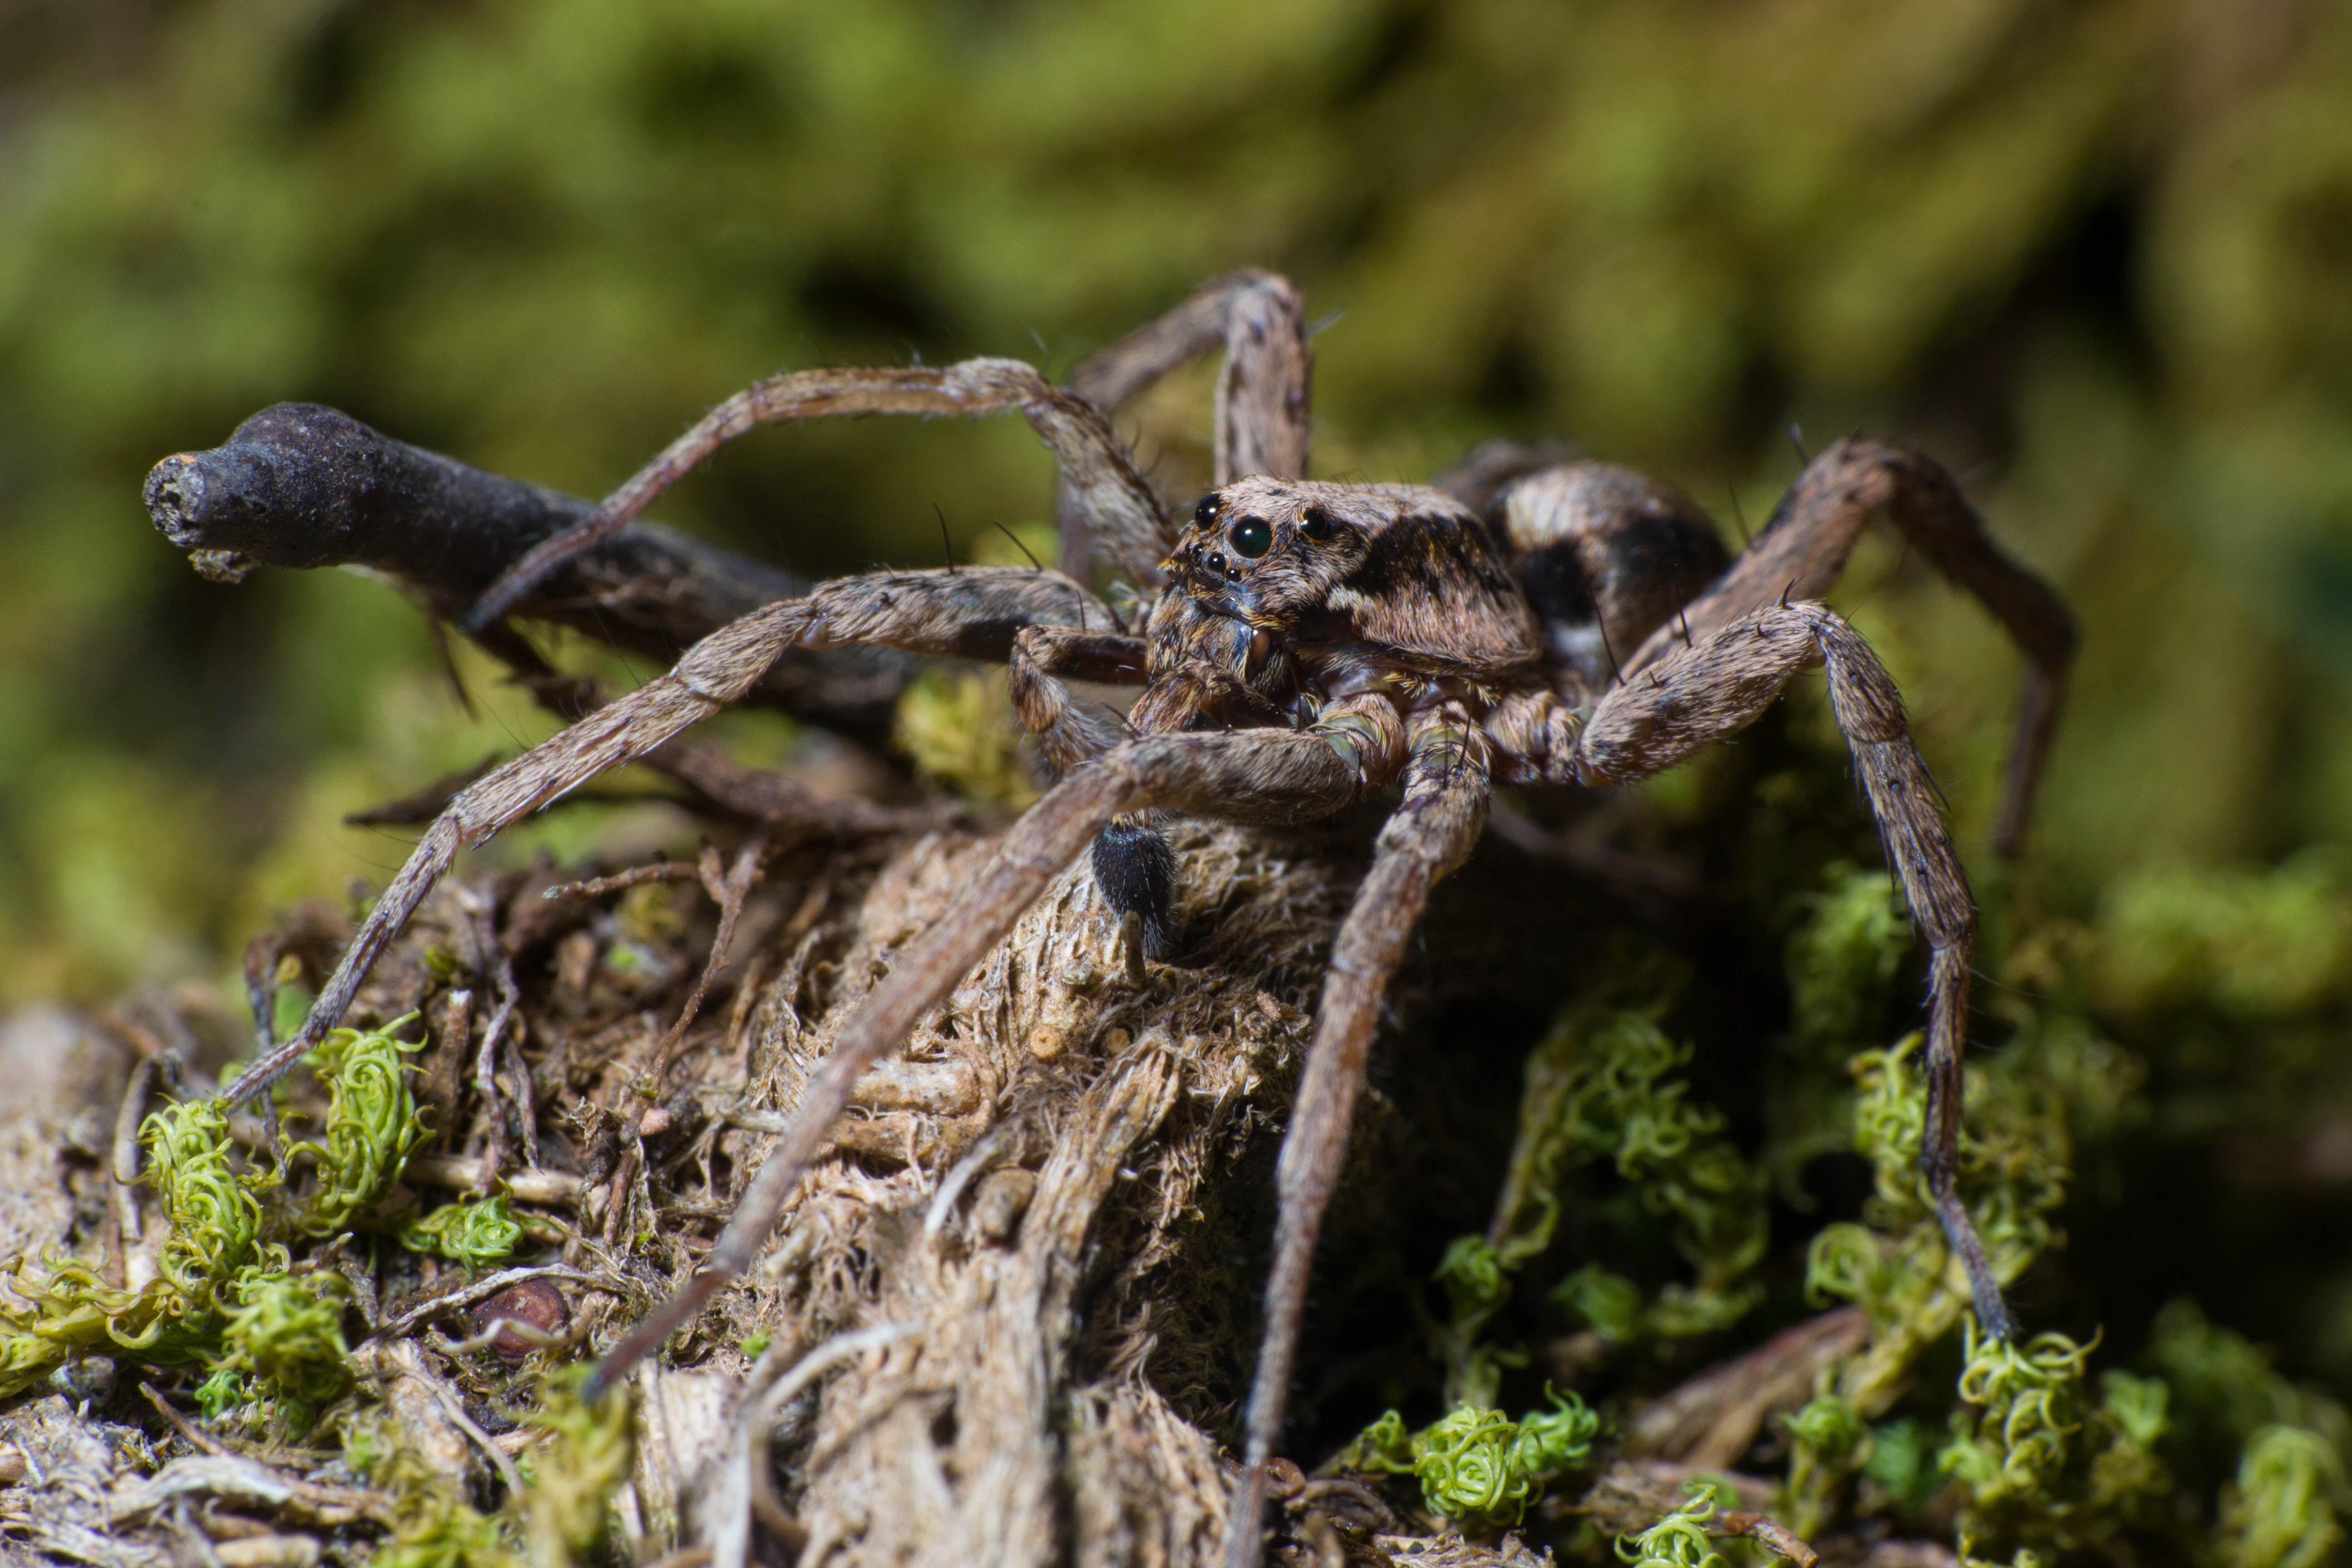 ¿Es verdad que de media, nos tragamos 8 arañas en nuestra vida mientras dormimos?